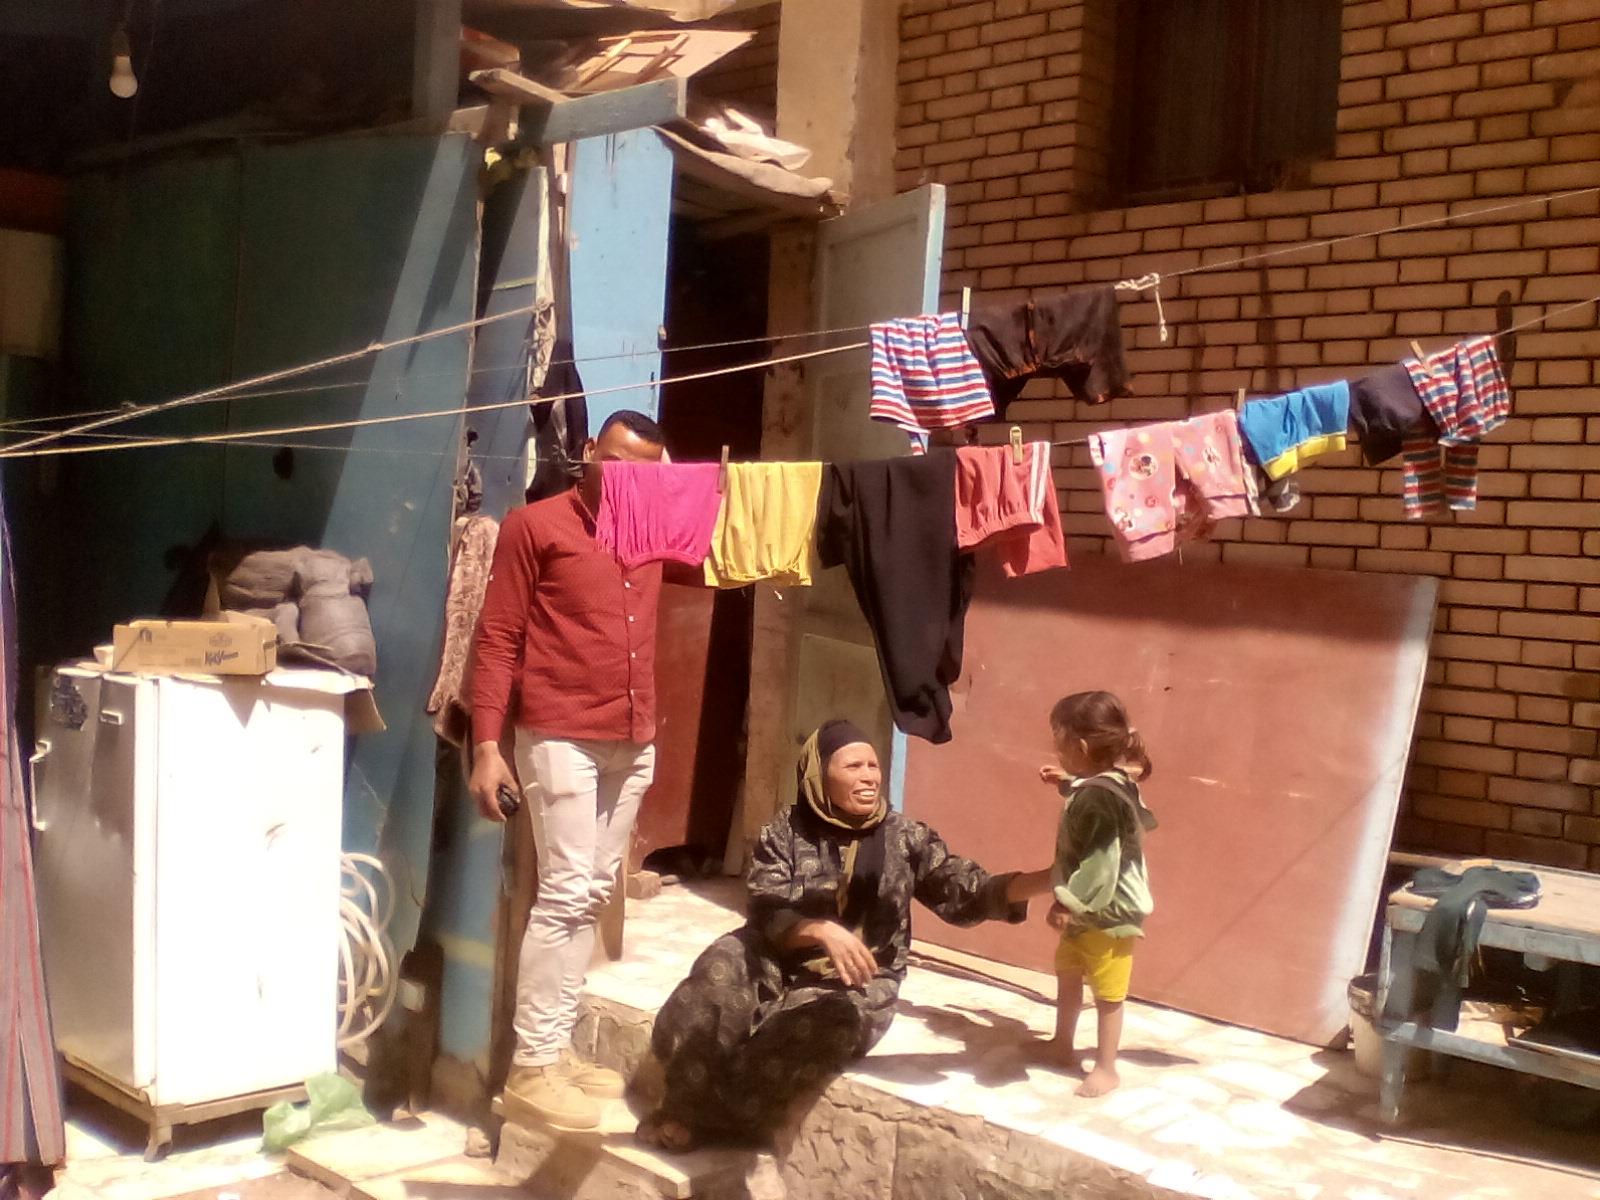 الأم تطالب المسؤولين بتوفير مأوى لهم